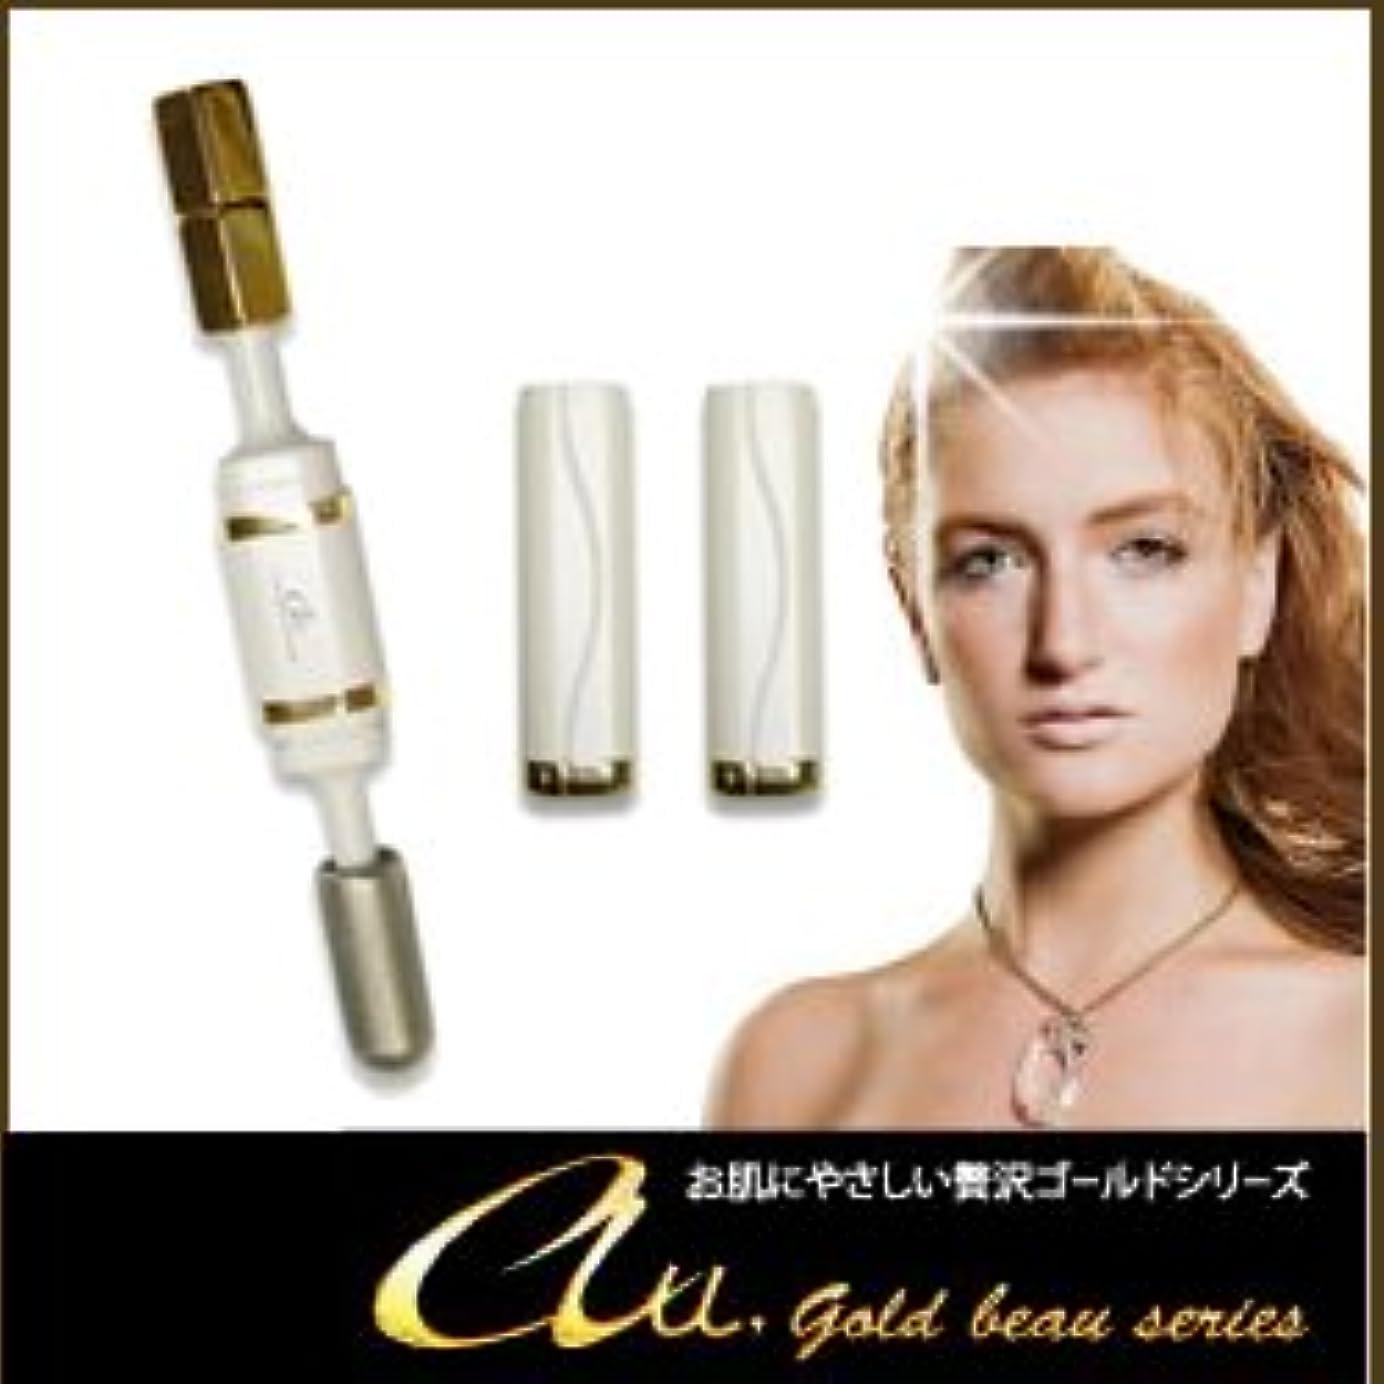 解放アフリカ人まっすぐにする【GOLDBEAUROLLER】 ゴールドビューローラー【20KGOLD使用】コロコロ美容ローラー